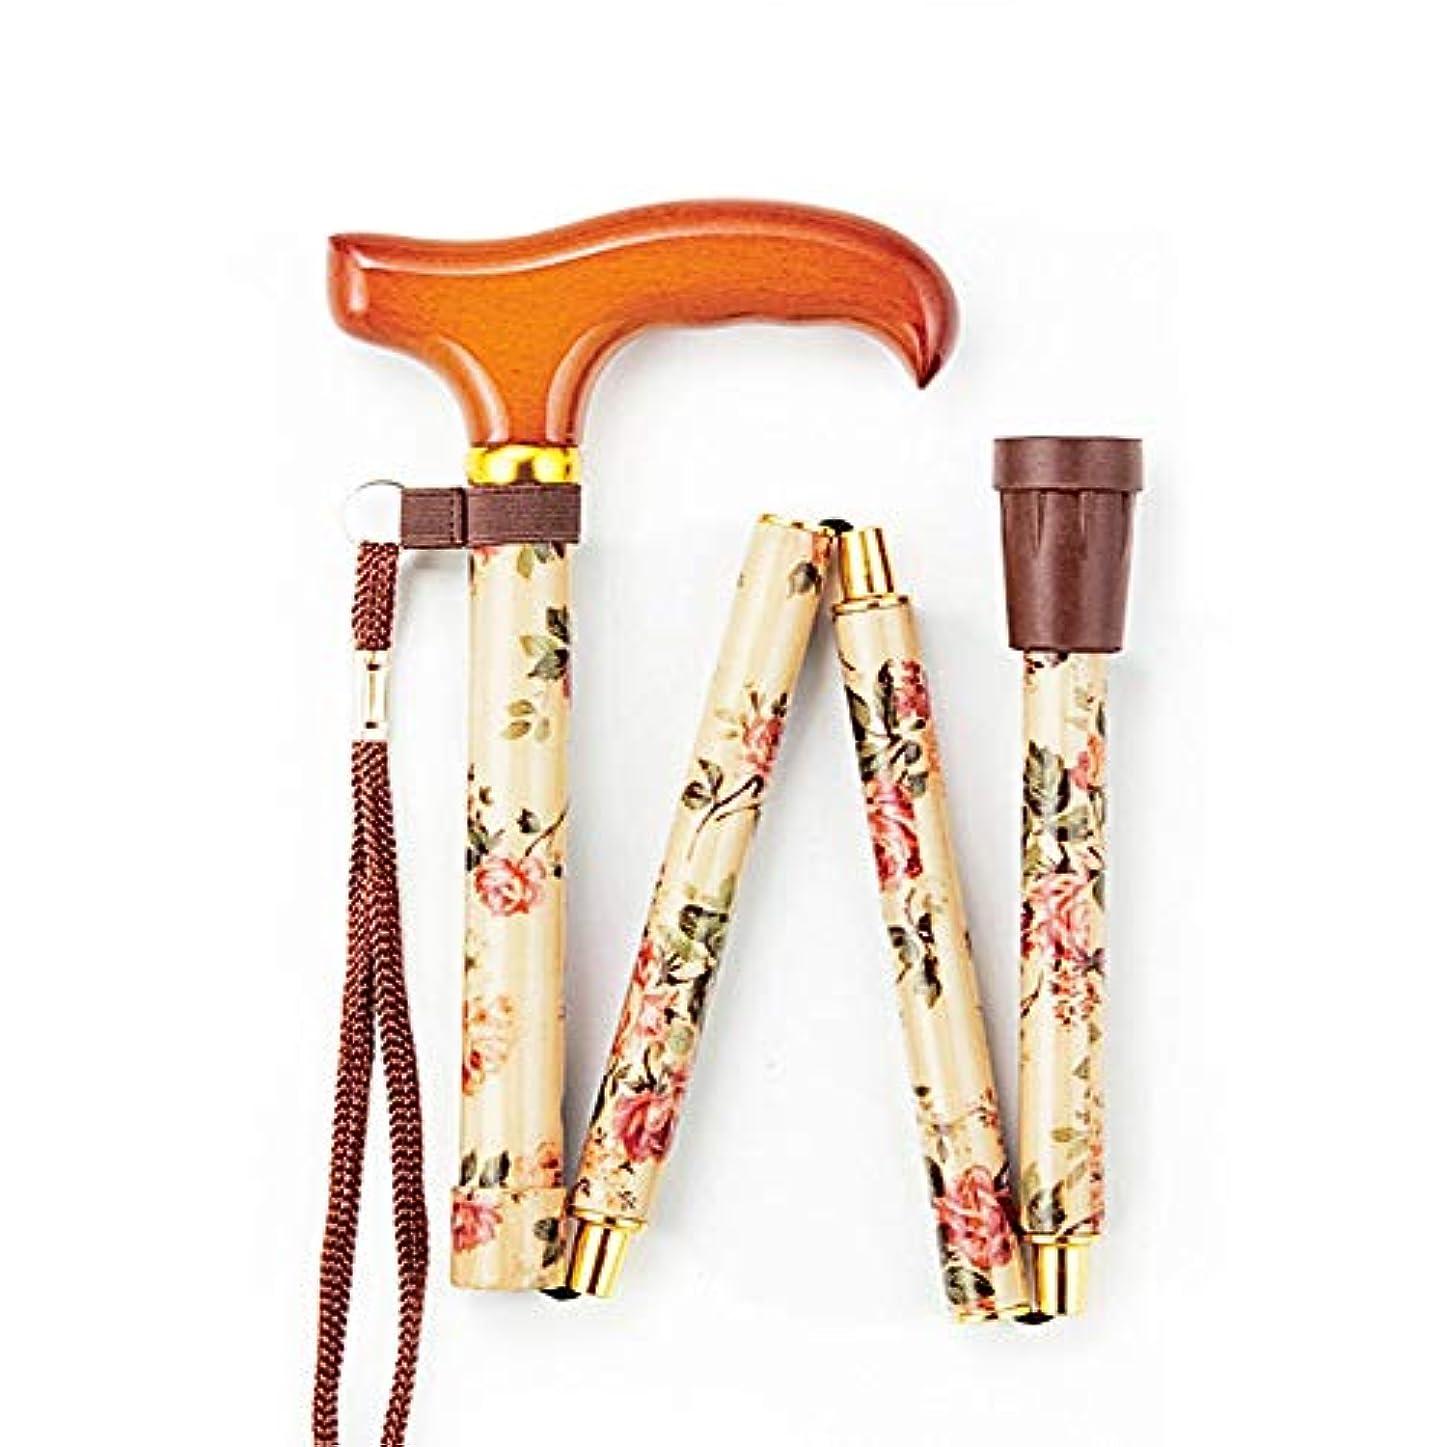 放棄超えて変化する女性用折りたたみ杖、折りたたみ式アルミニウム、軽量、高さ調整可能なメープルハンドル (Color : Rose)